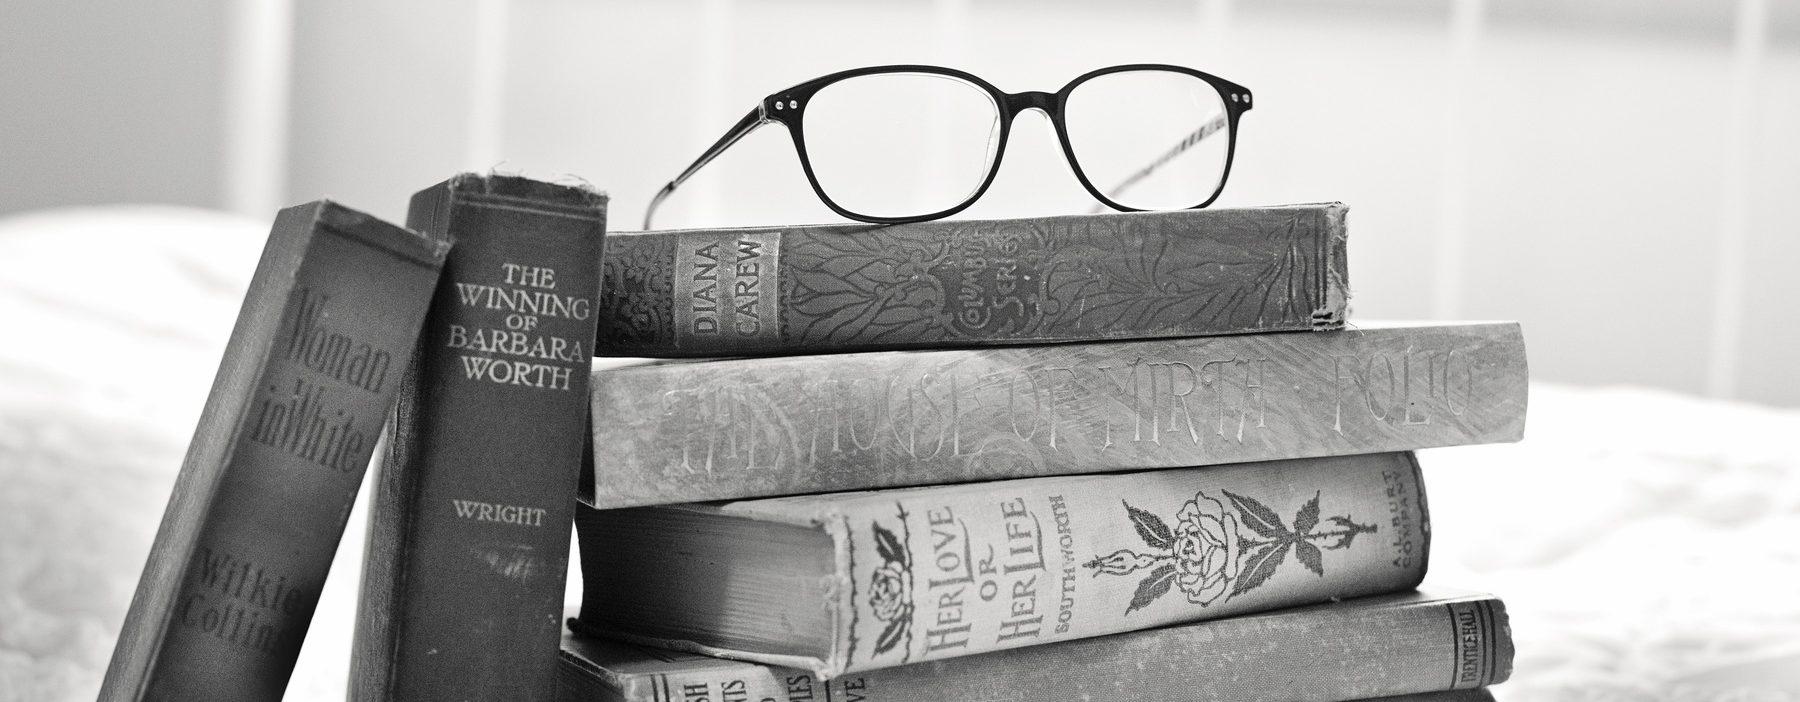 Los mejores libros de tecnología y ciencia para regalar en Navidad